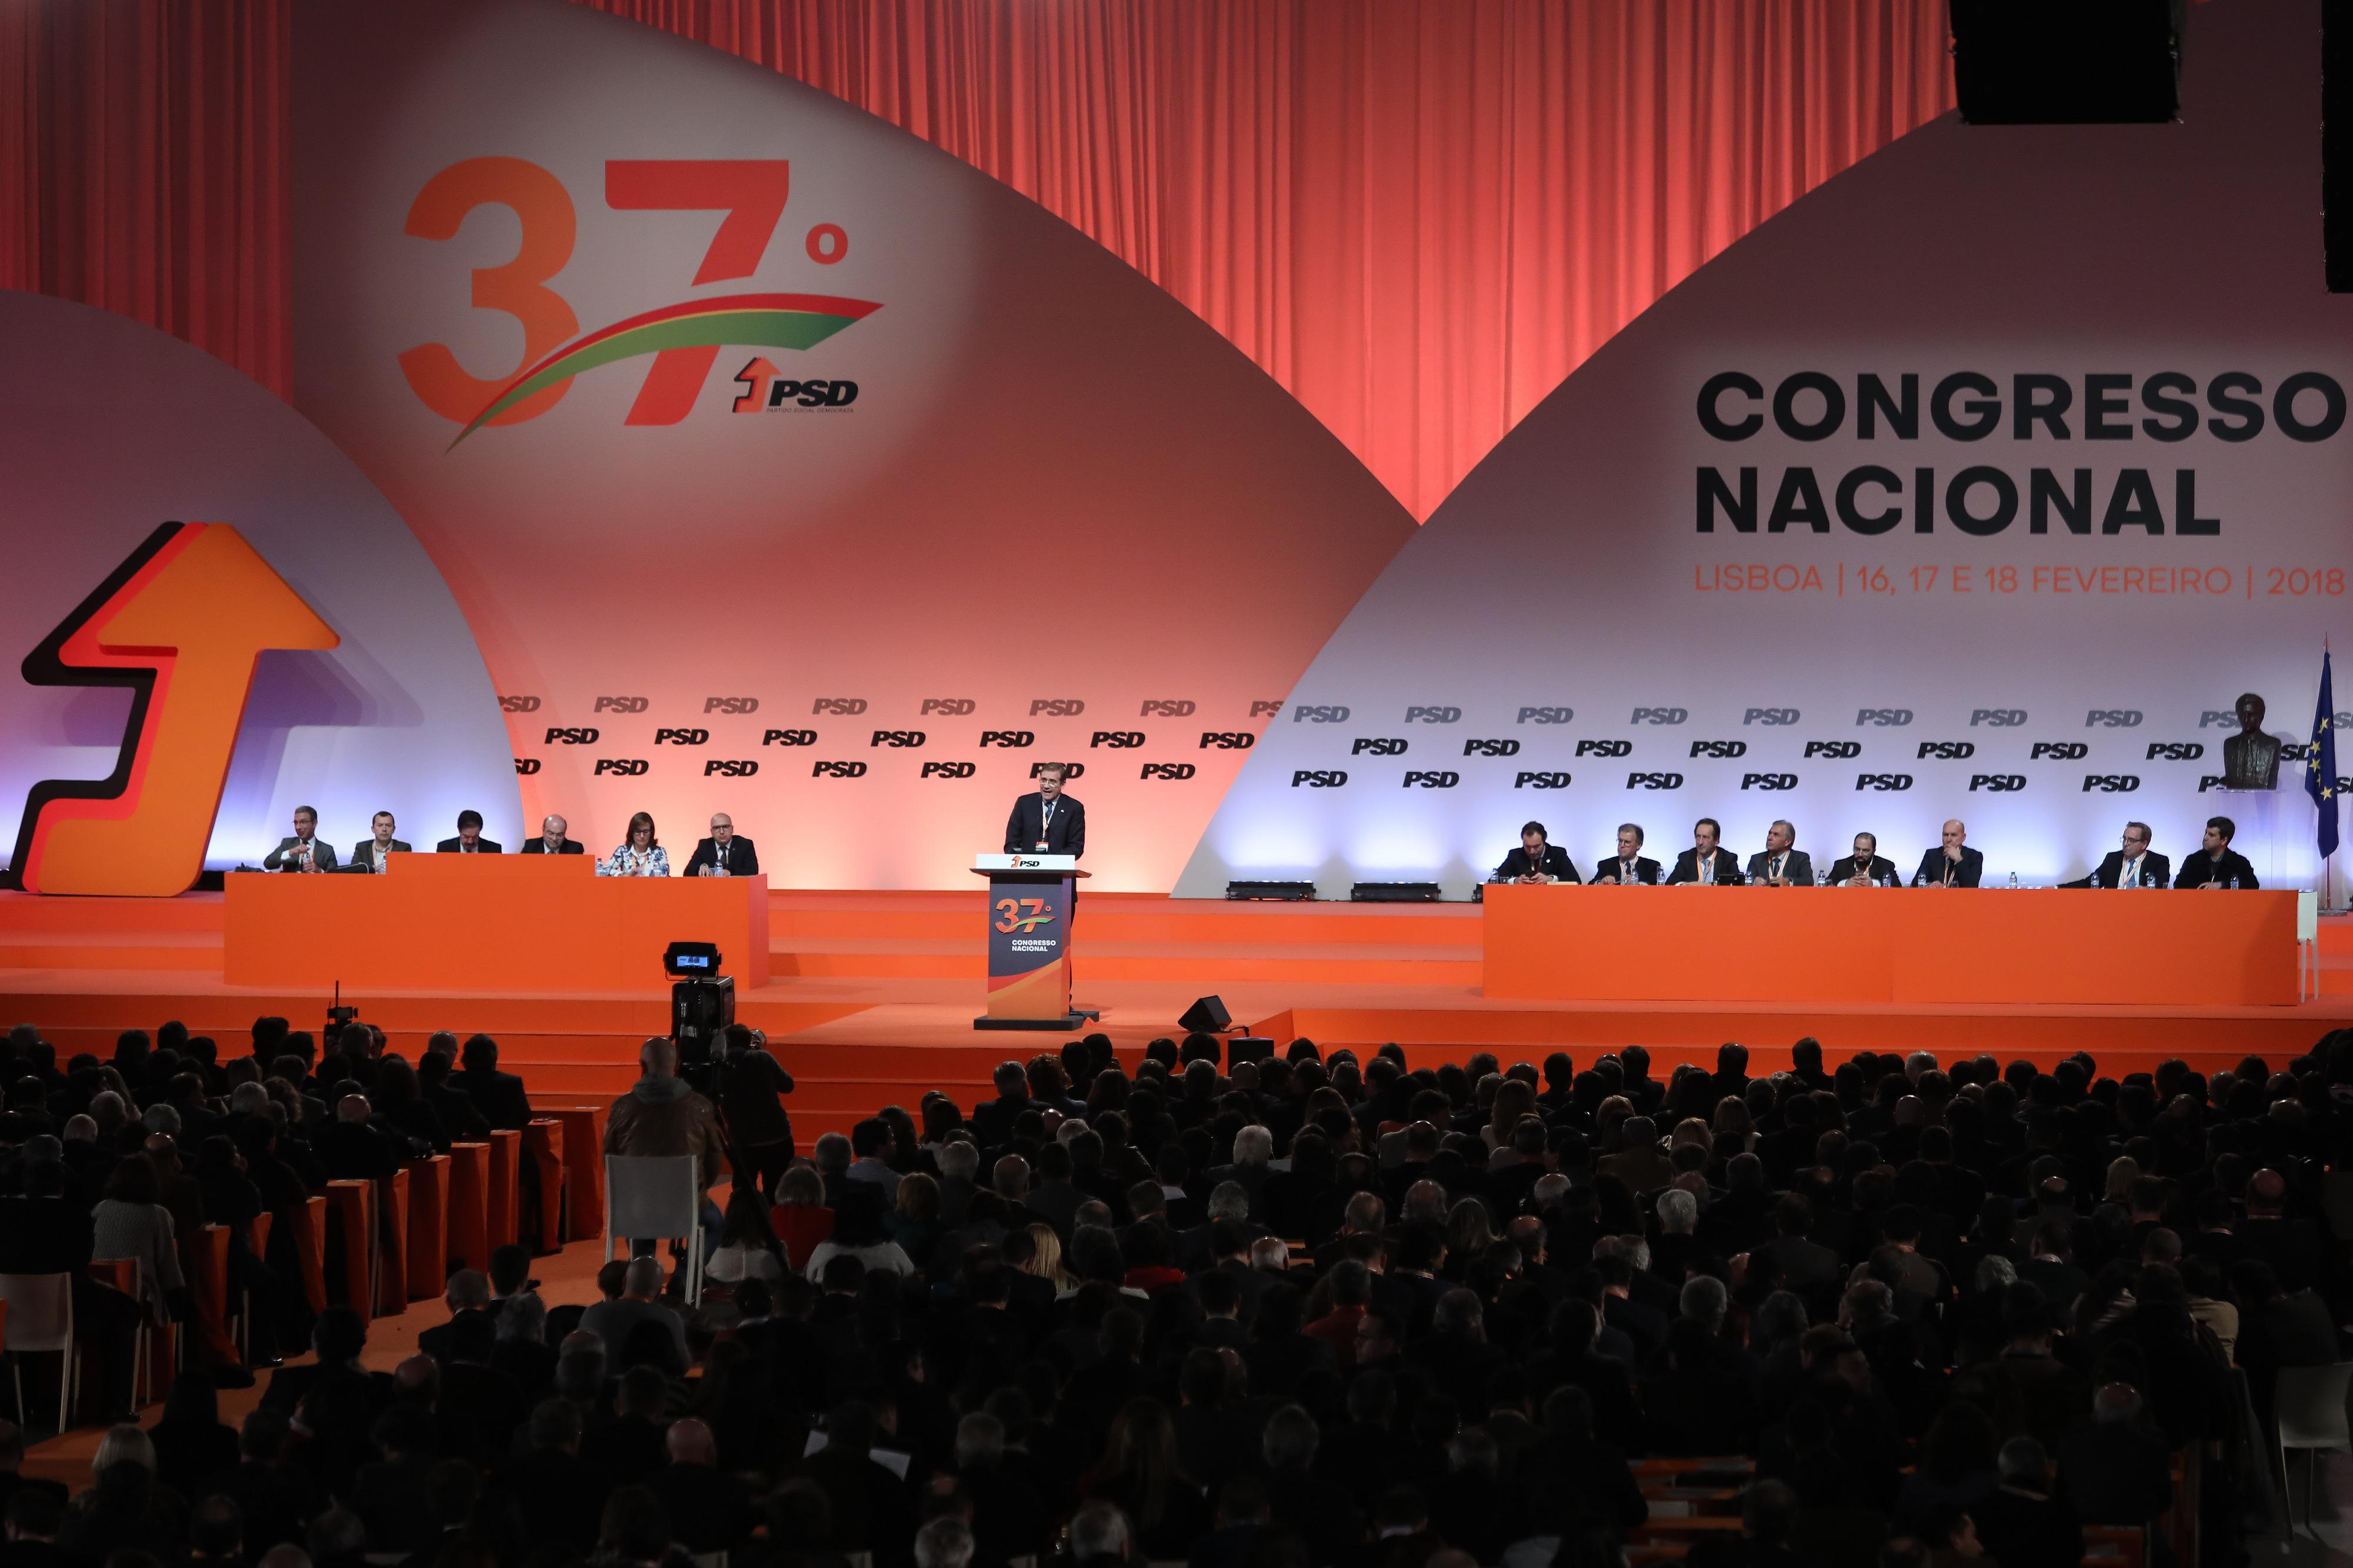 Congresso do PSD: Pedro Pinto avisa que só se ganham eleições com demarcação do PS